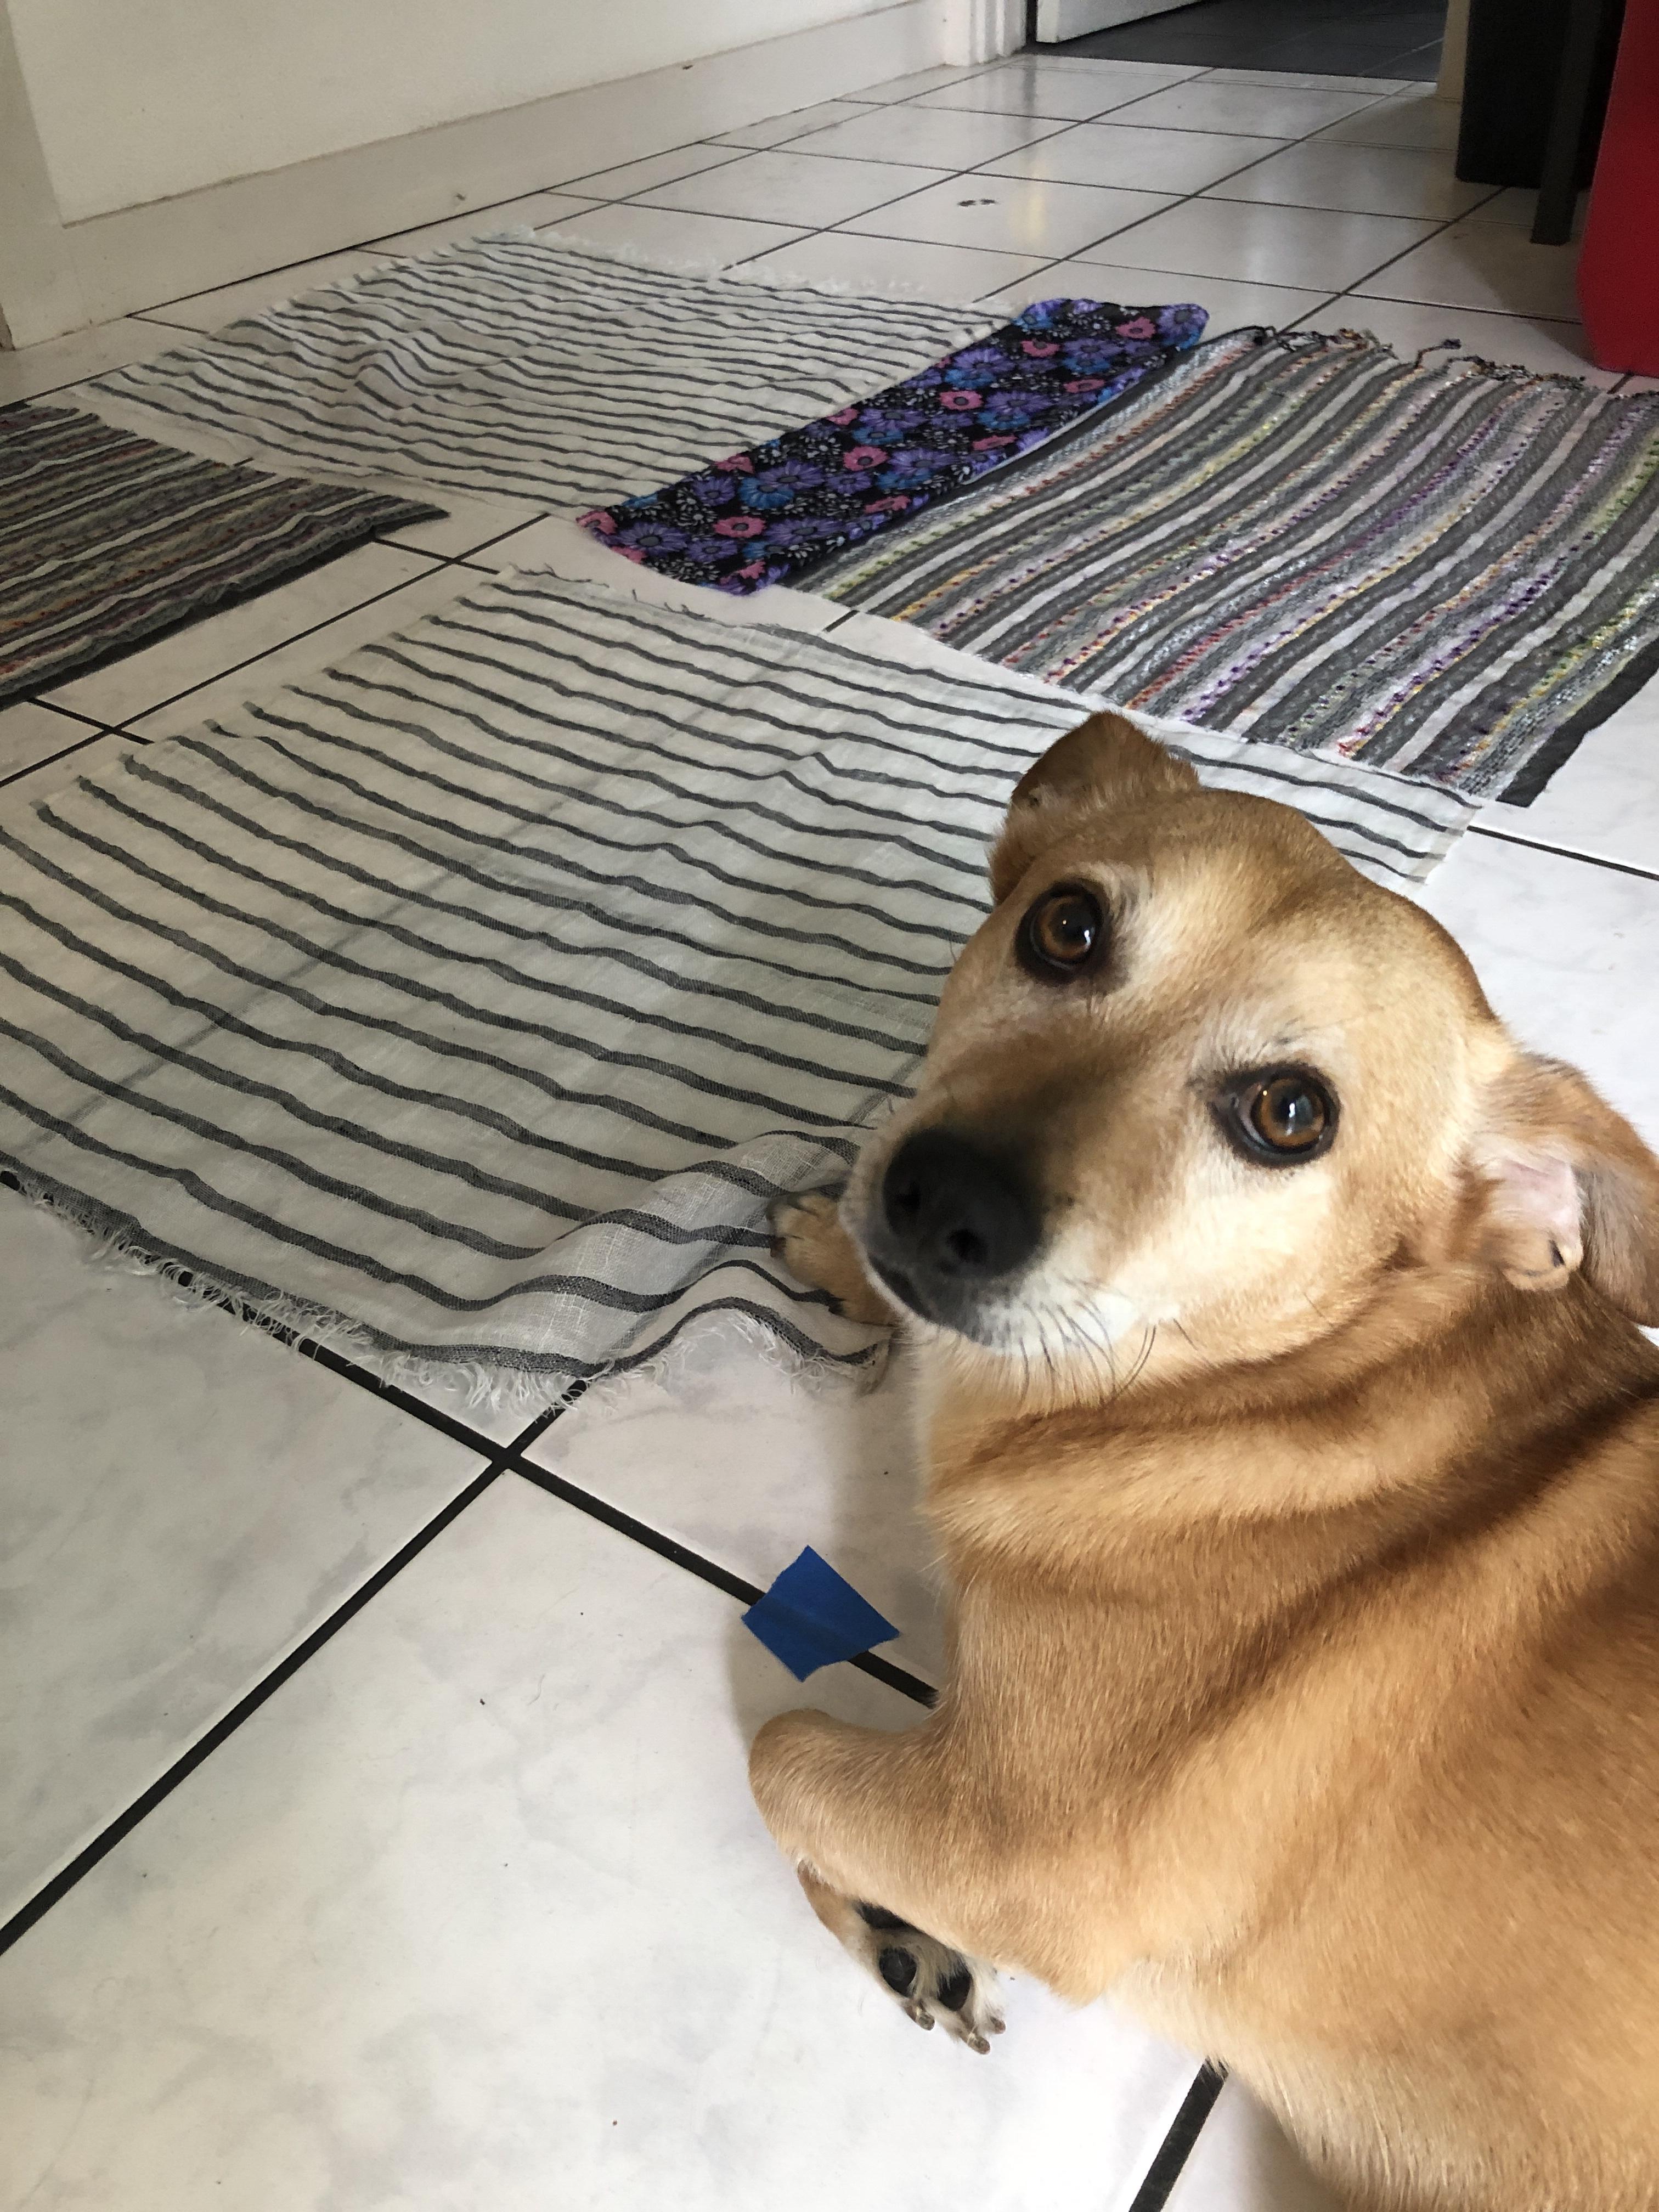 Corgi dog and fabric squares